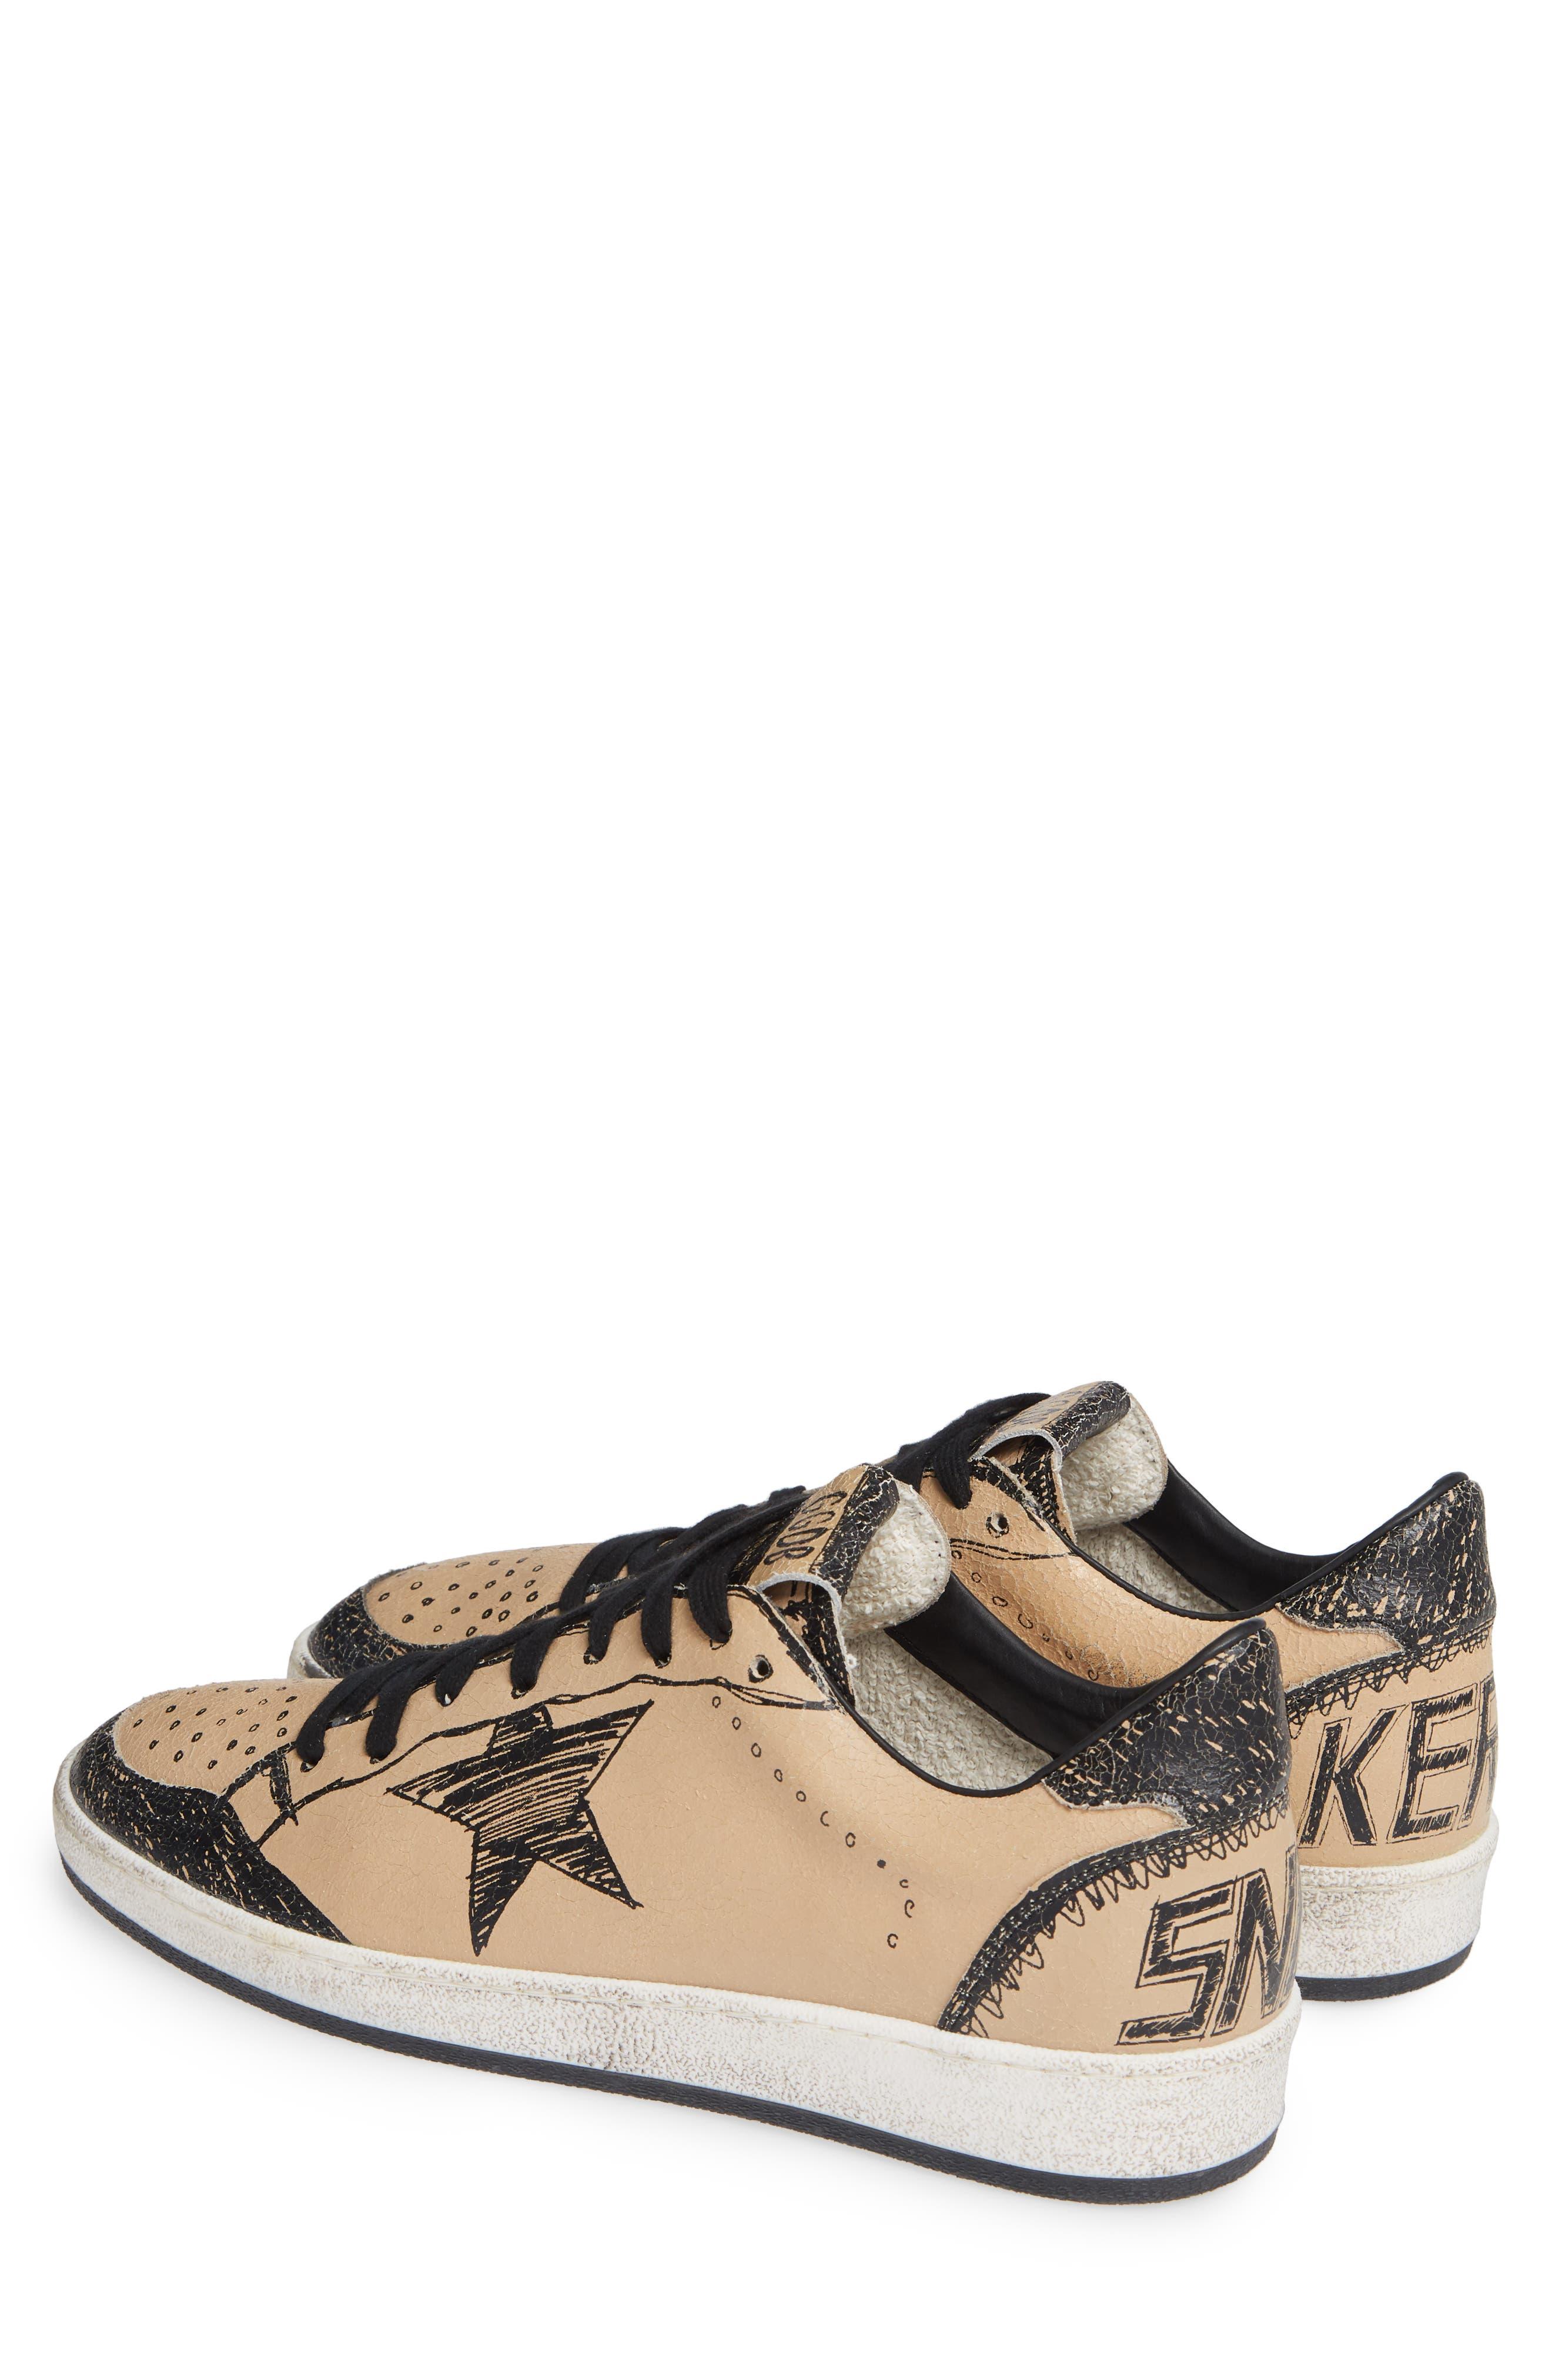 GOLDEN GOOSE, B-Ball Star Sneaker, Alternate thumbnail 2, color, BLACK DRAWING